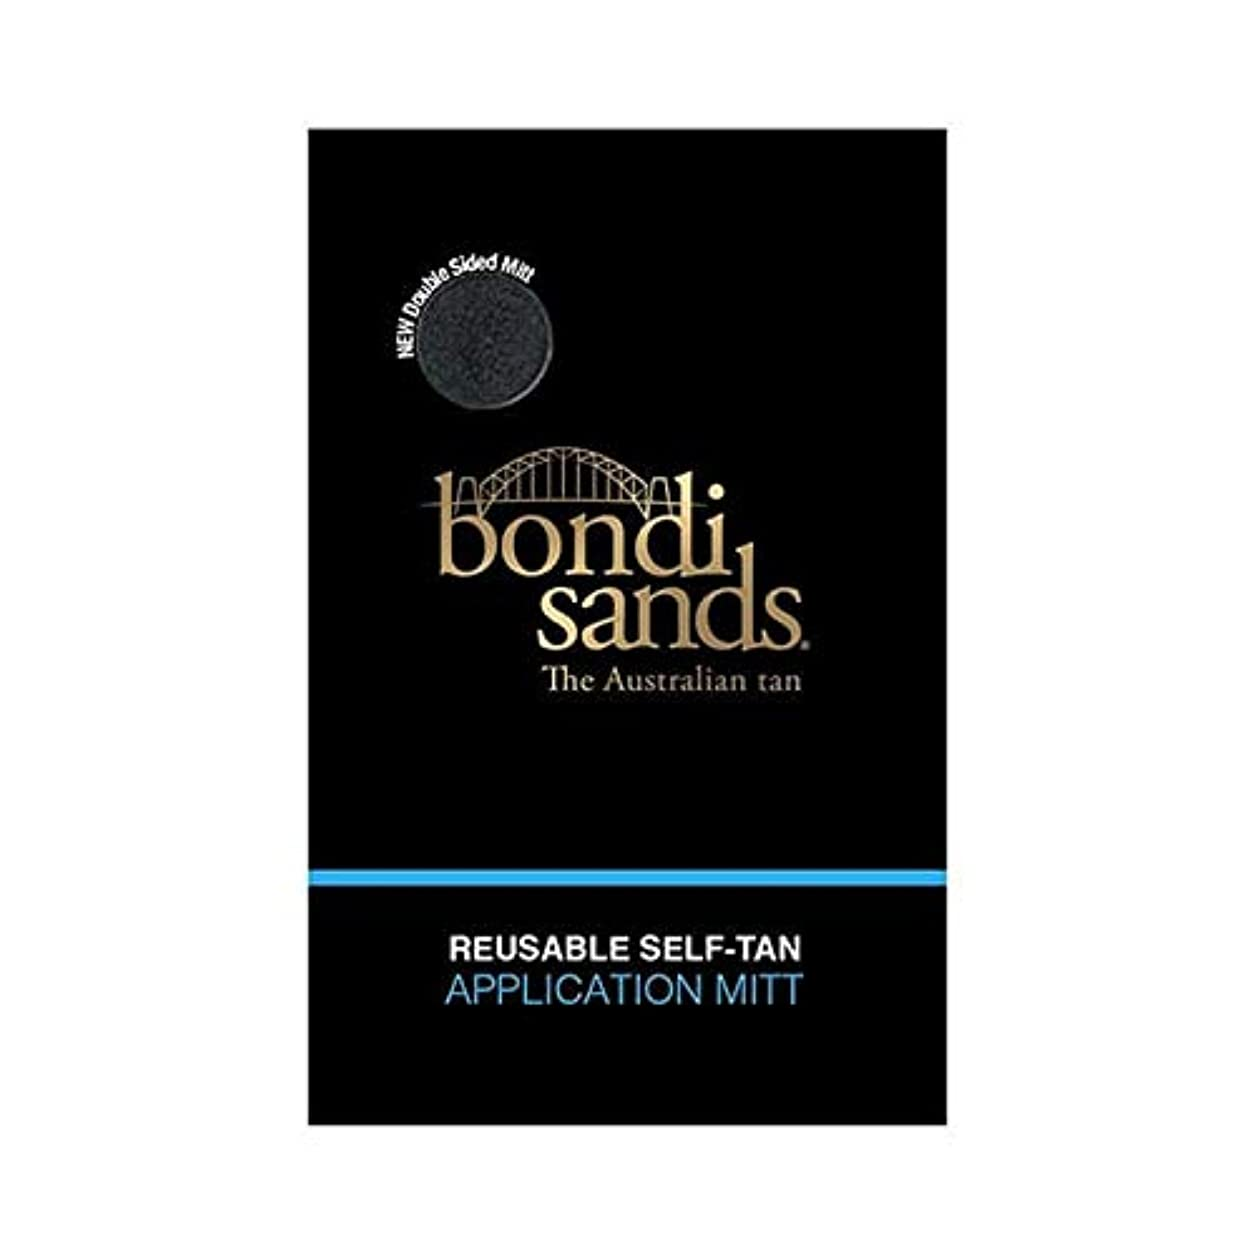 アンケート無傷追い越す[Bondi Sands ] ボンダイサンド自己日焼けアプリケーションミット - Bondi Sands Self Tan Application Mitt [並行輸入品]